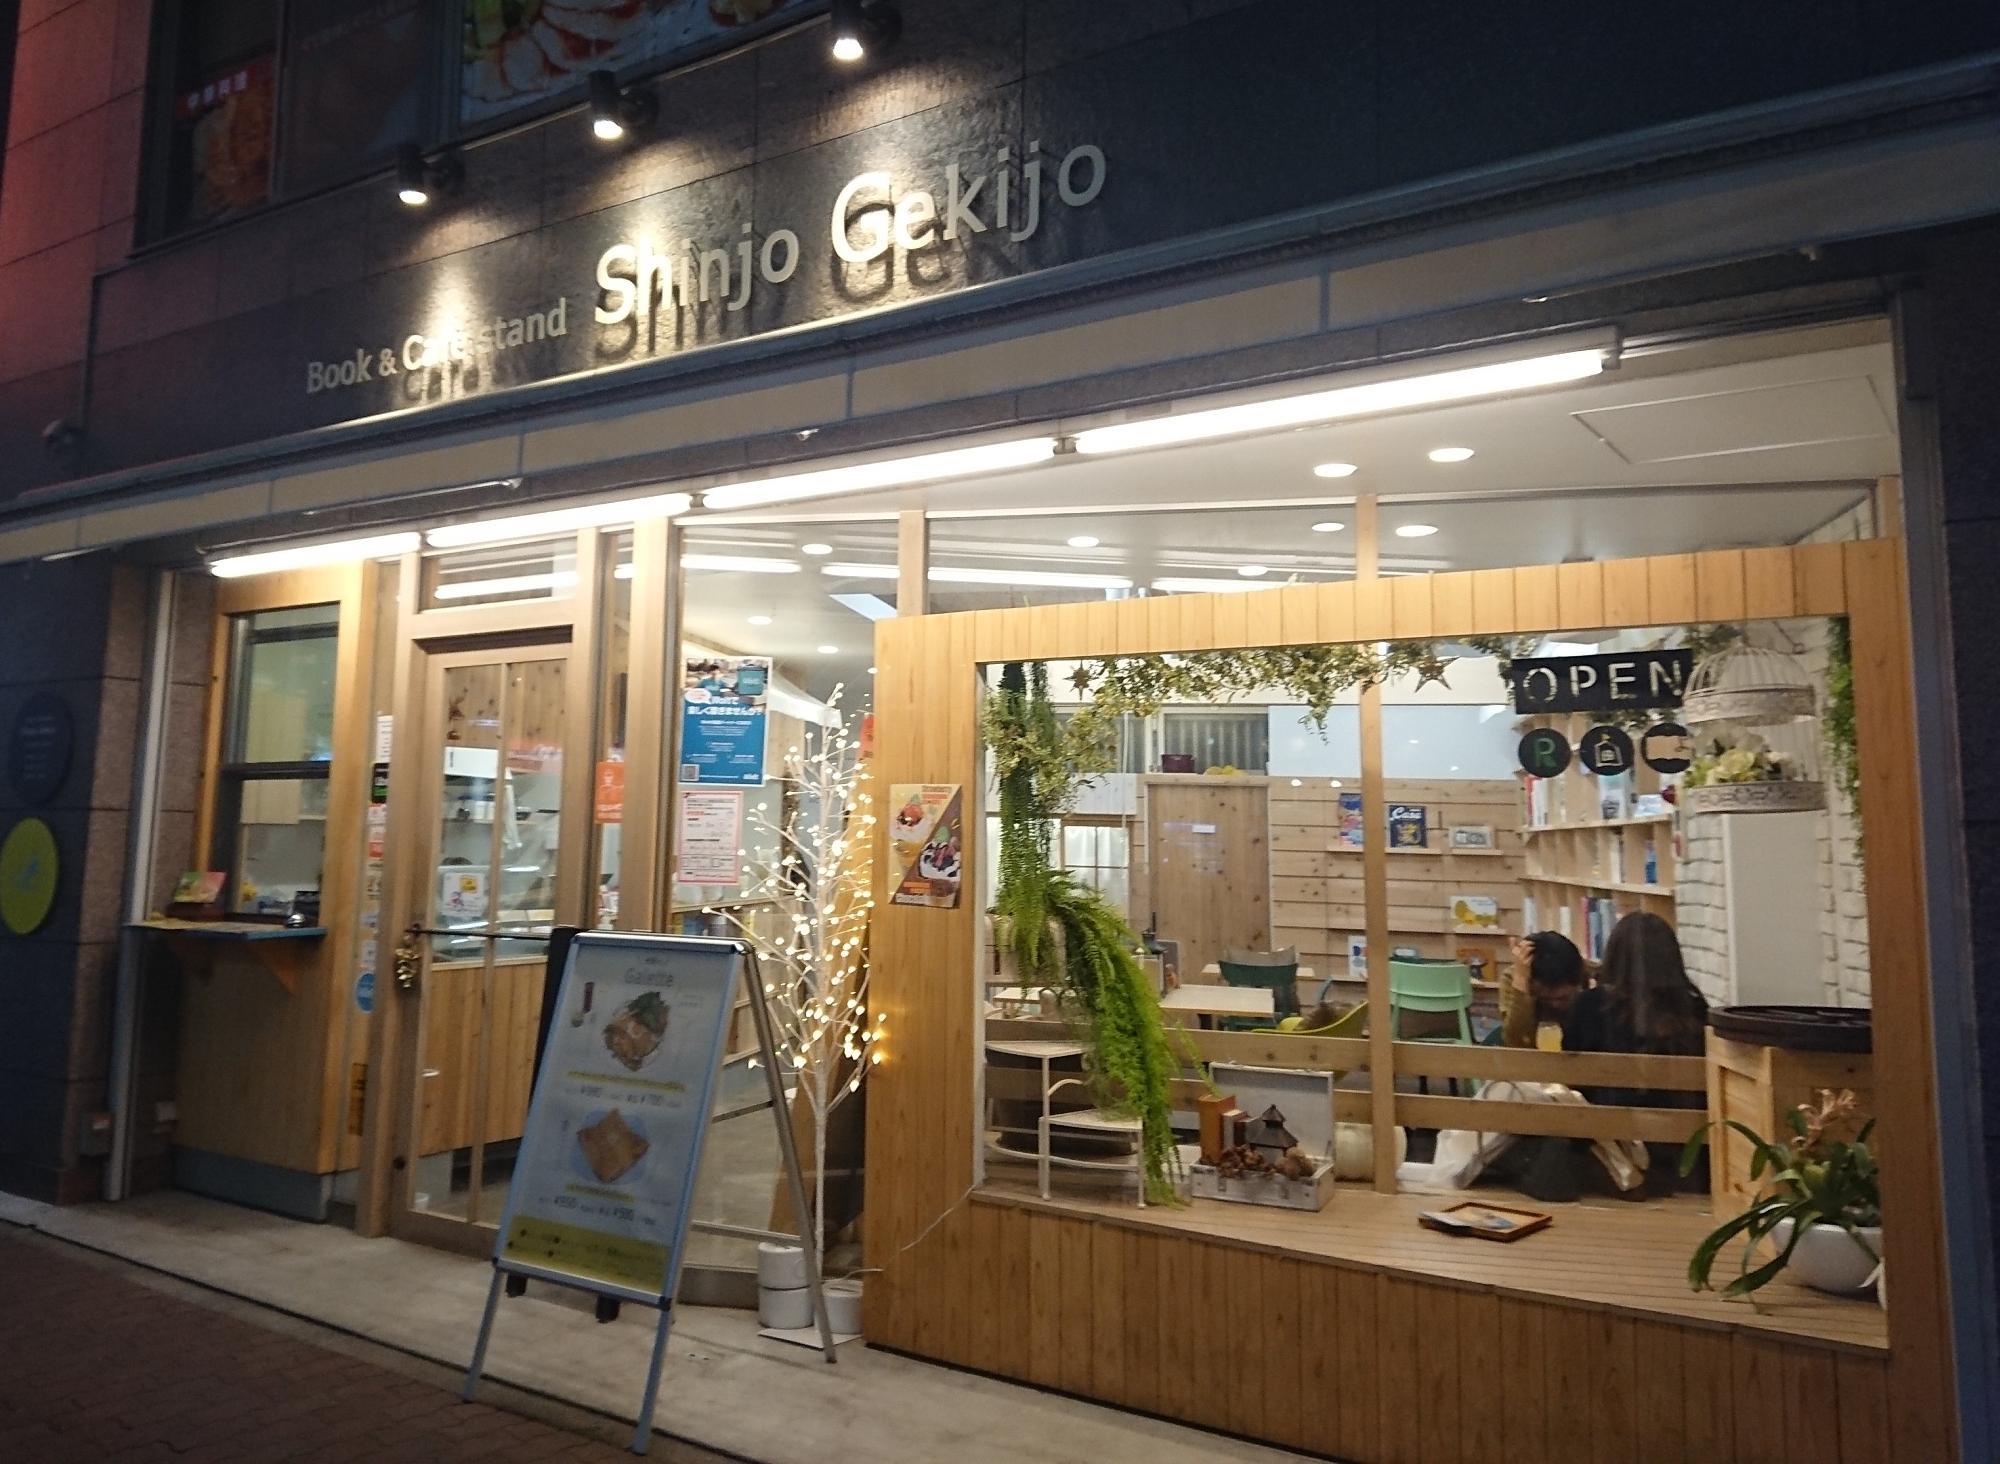 夕暮れの「Book & Cafestand ShinjoGekijo」